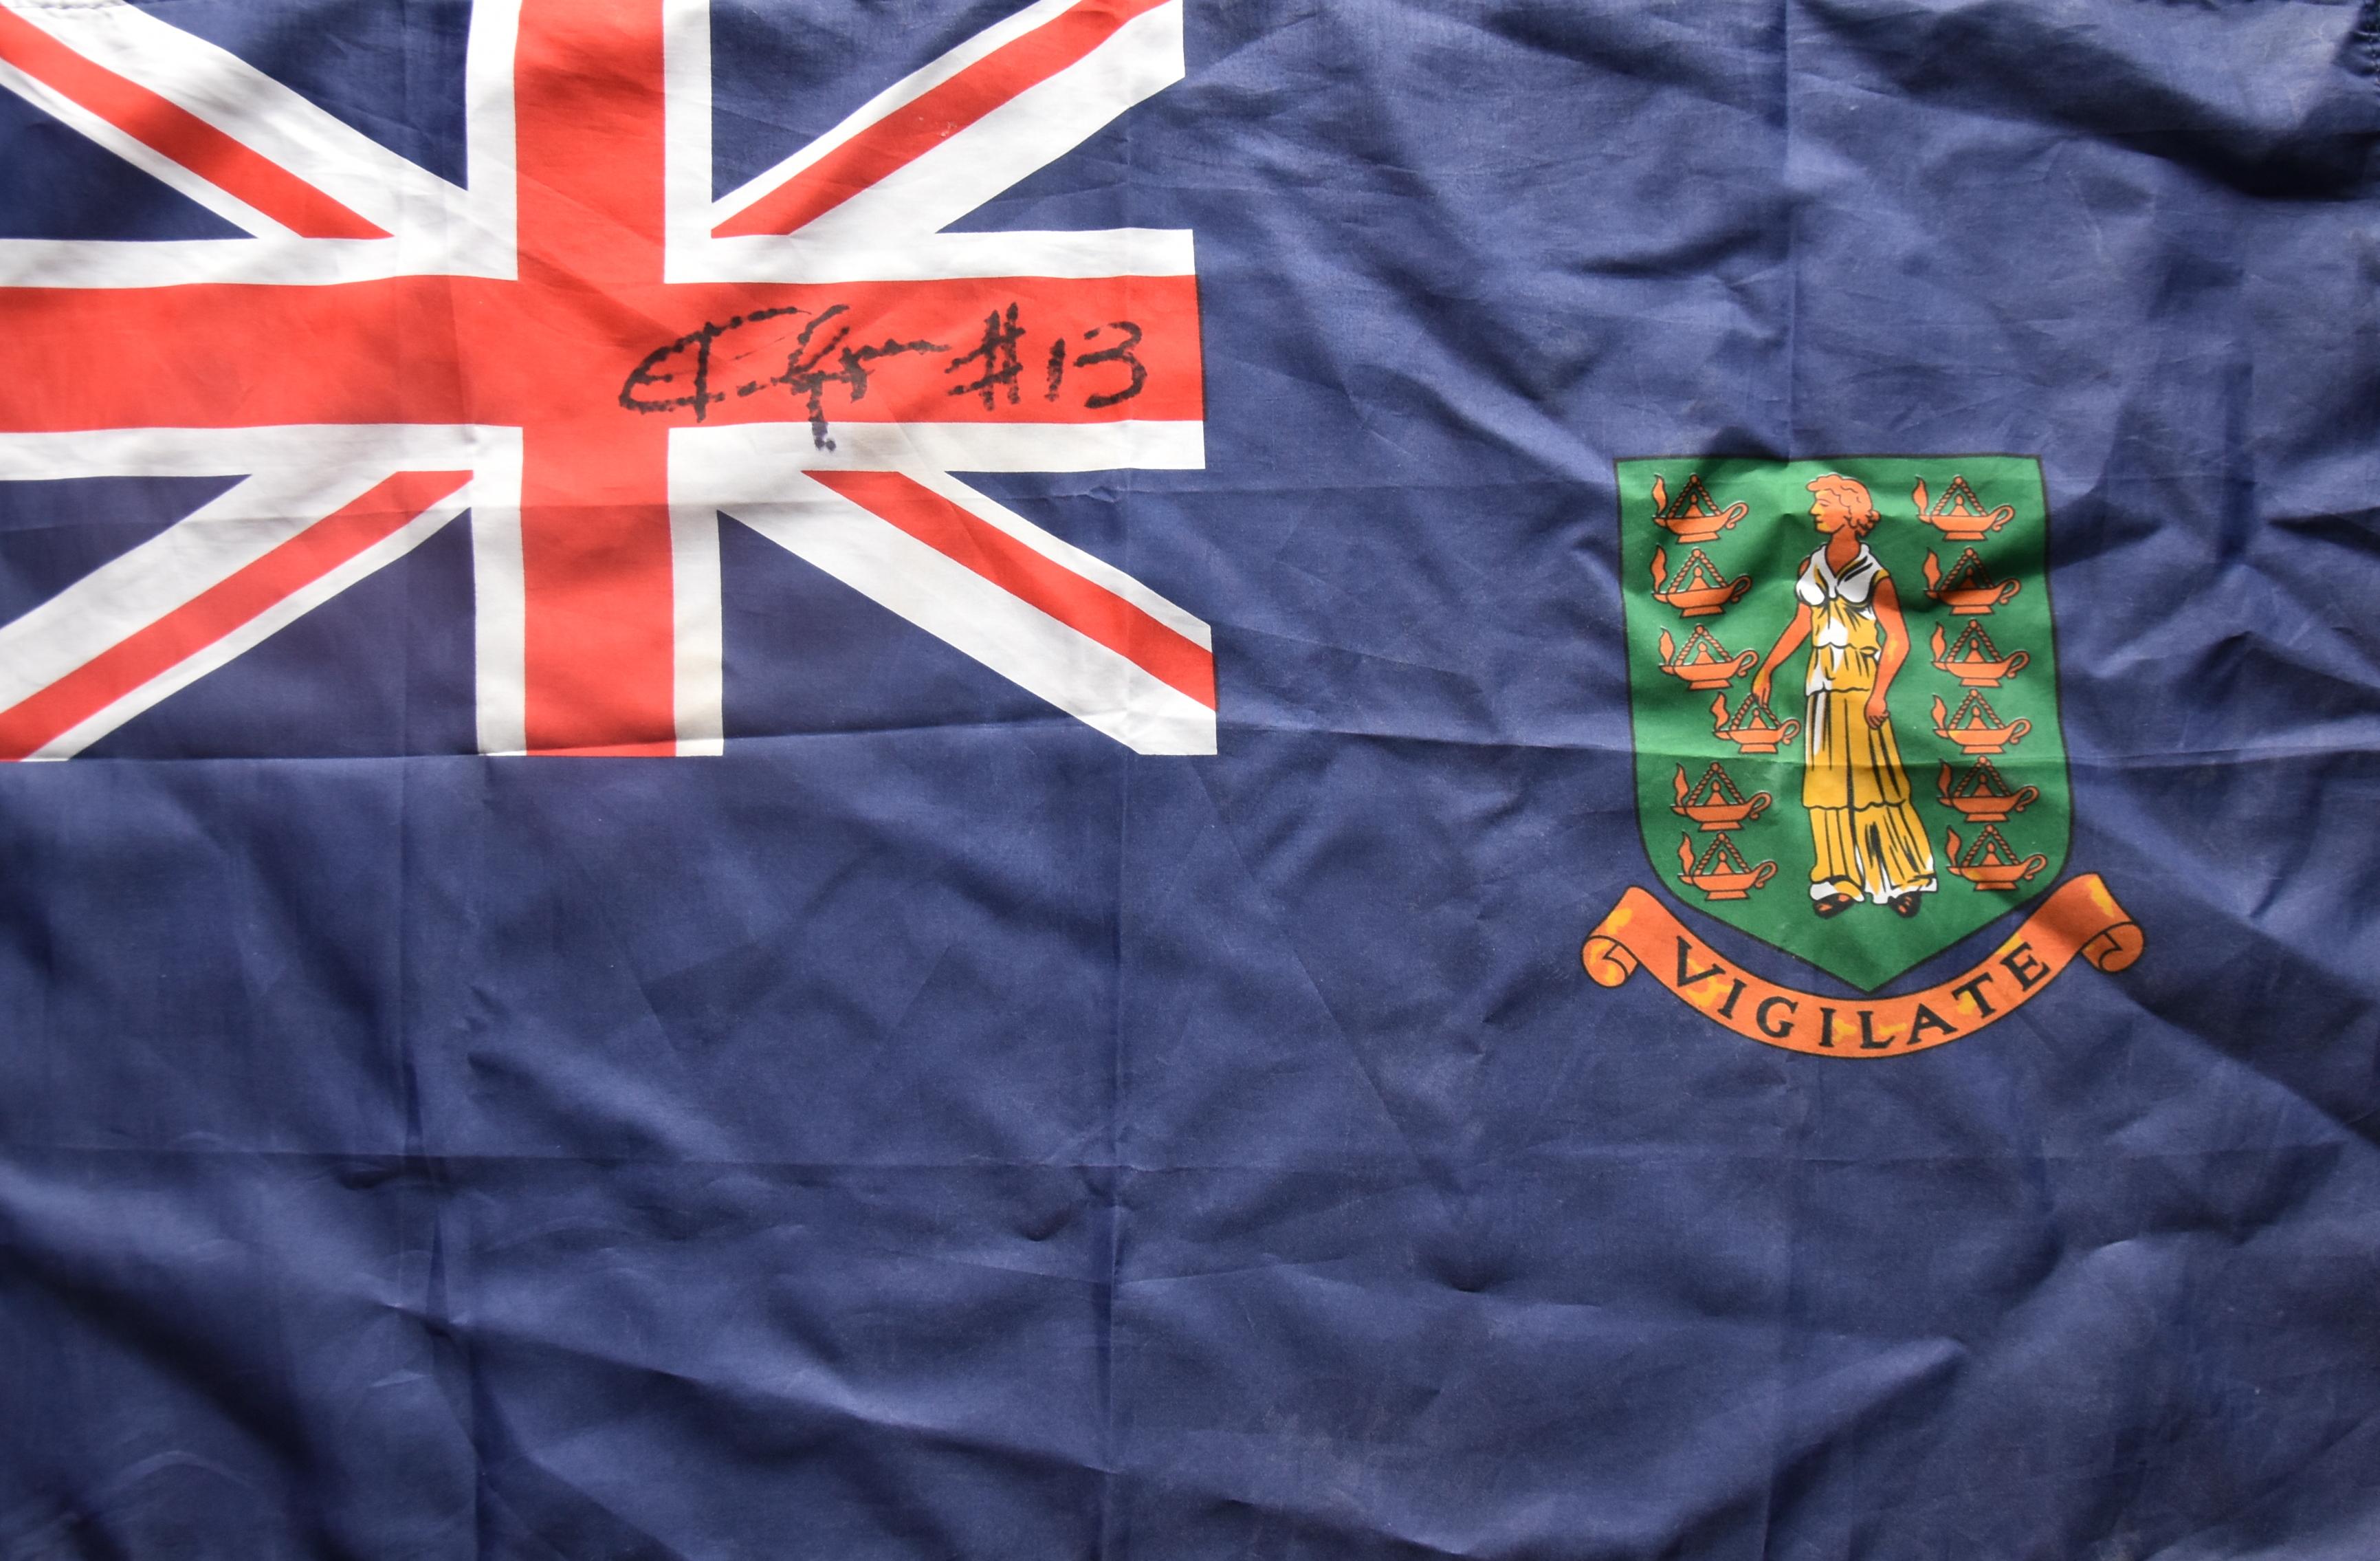 Dieu et mon droit ILESVIERGES-UK